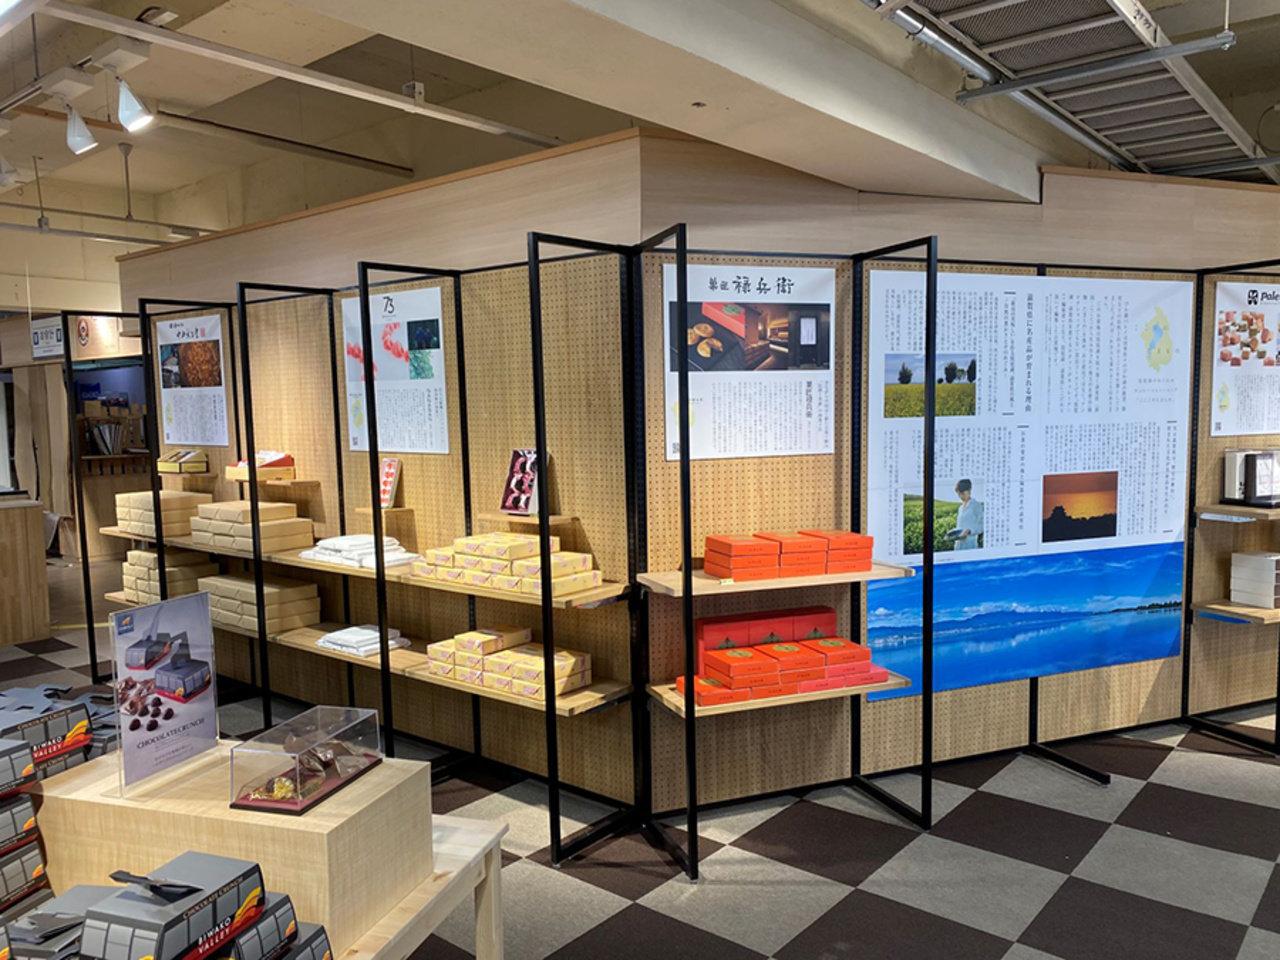 琵琶湖のこだわりが詰まった、琵琶湖のめぐみのキュレーションショップ「ここくのたまもの」オープン